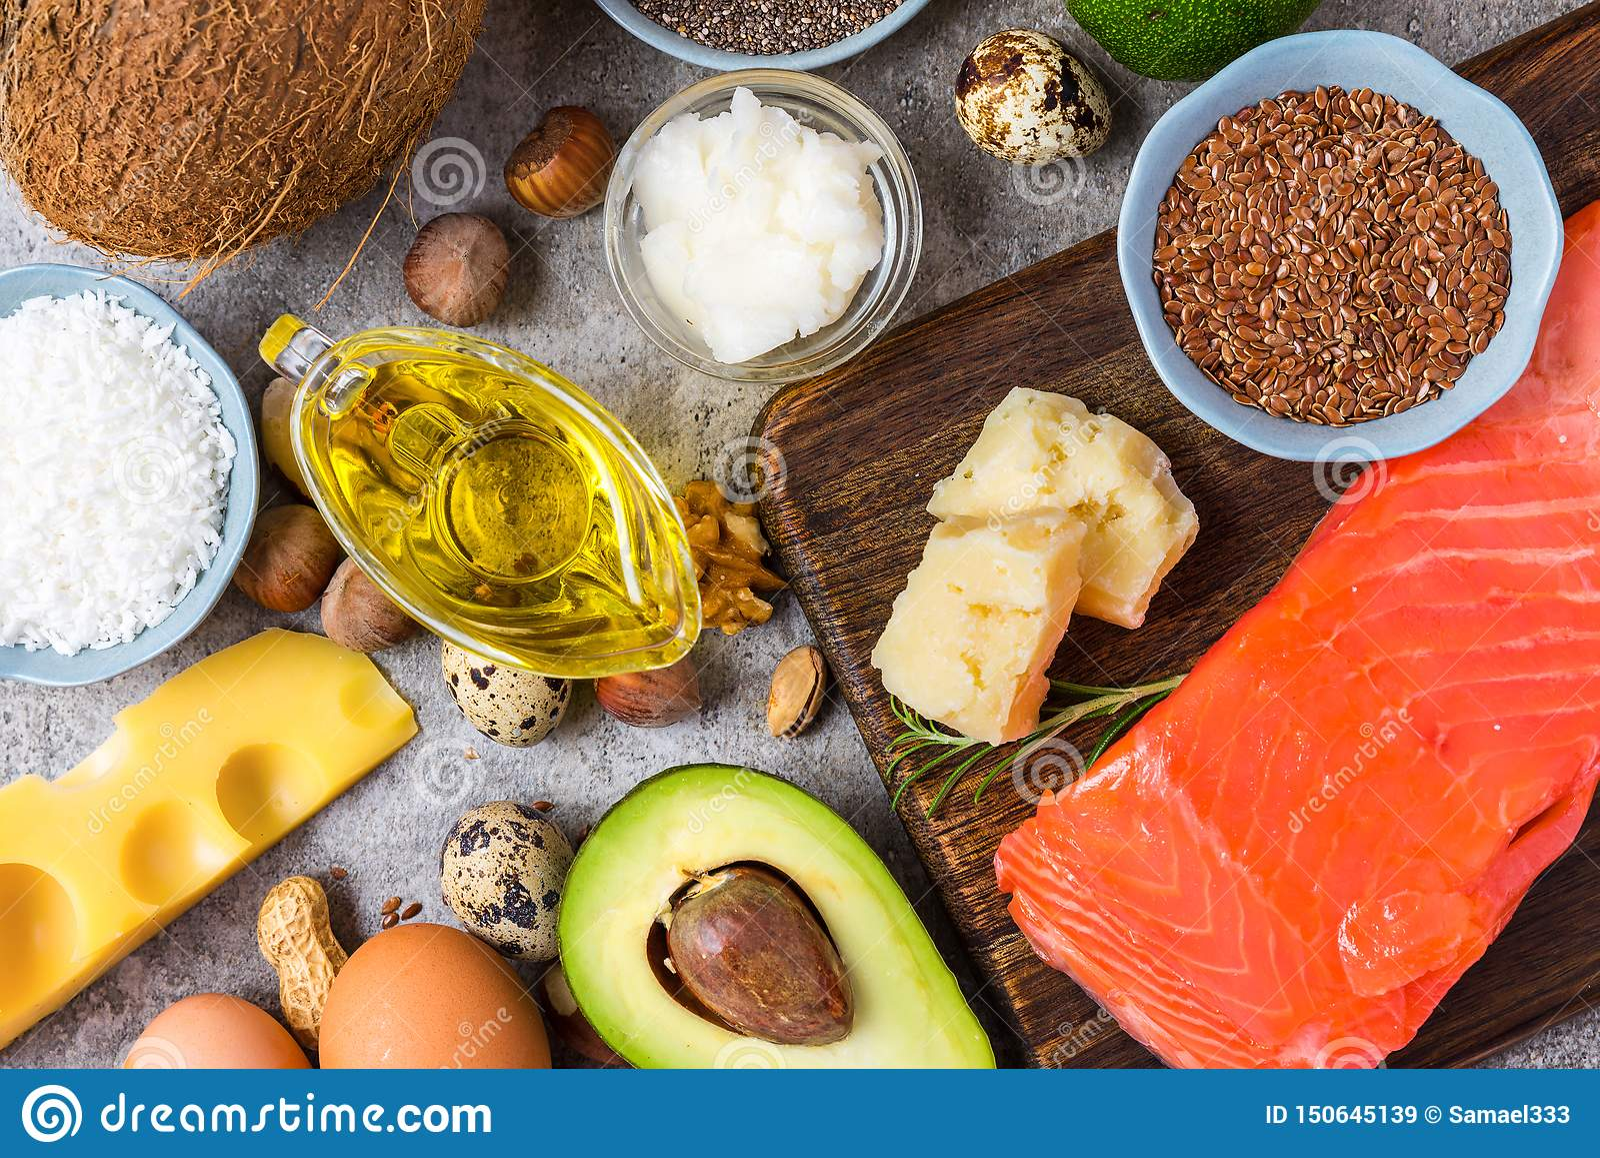 sodium carbonate on low carb diet